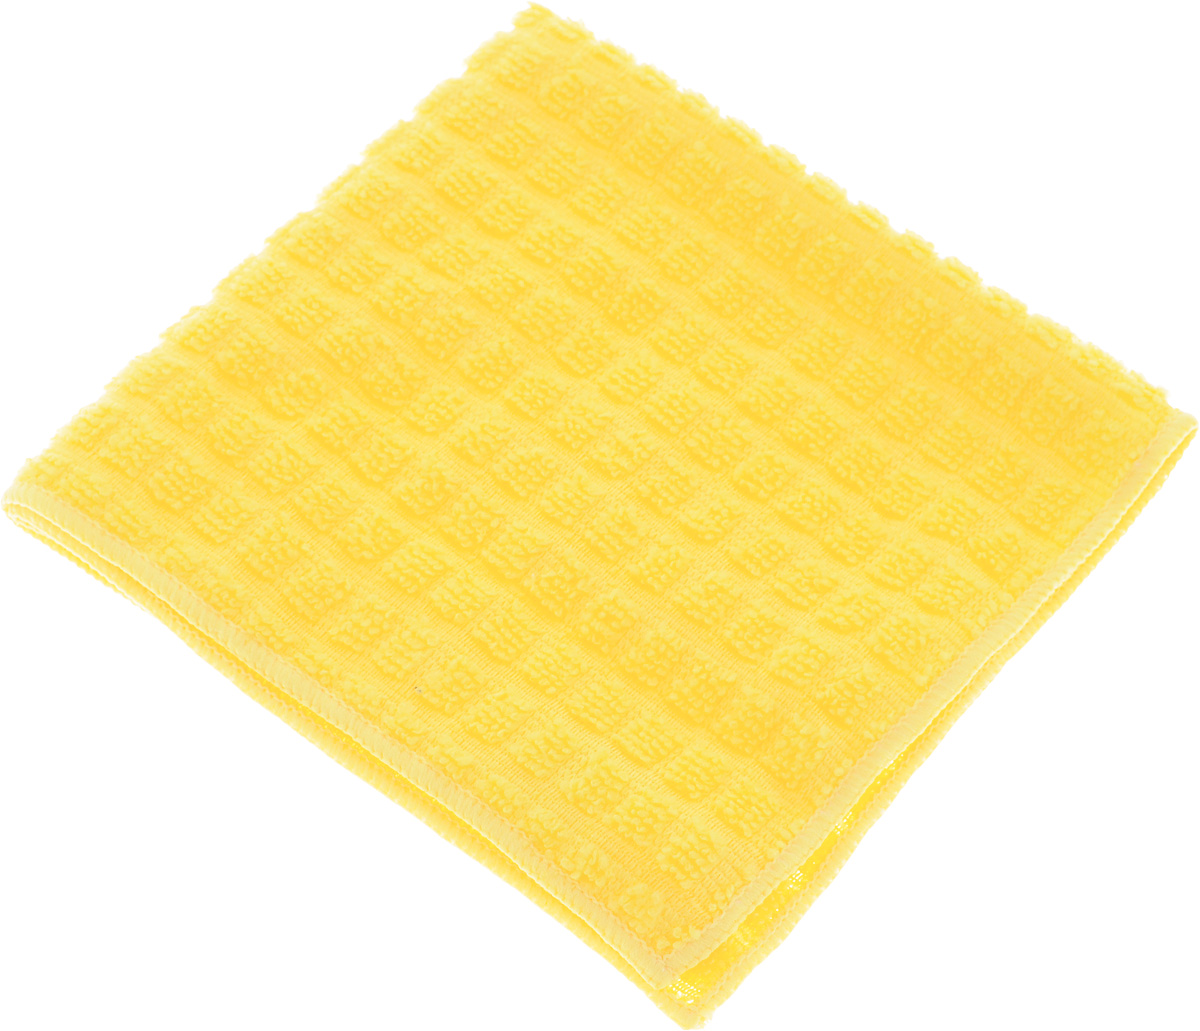 Салфетка Sol Crystal, из микрофибры, быстросохнущая, цвет: желтый, 30 x 30 см20003/20016_желтыйСалфетка Sol Crystal выполнена из микрофибры для деликатной чистки и полировки лакированных, глянцевых и хромированных поверхностей, а также стекол и зеркал. Салфетку можно эффективно применять как во влажном, так и в сухом виде. Специальное плетение ворса обеспечивает быстрое высыхание салфетки. Можно применять различные моющие средства. Не оставляет разводов и ворсинок.Можно стирать вручную или в стиральной машине с мягким моющим средством без использования кондиционера и отбеливателя, при температуре не выше 95°С. Запрещается кипячение и глажка. Рекомендована бережная сушка.